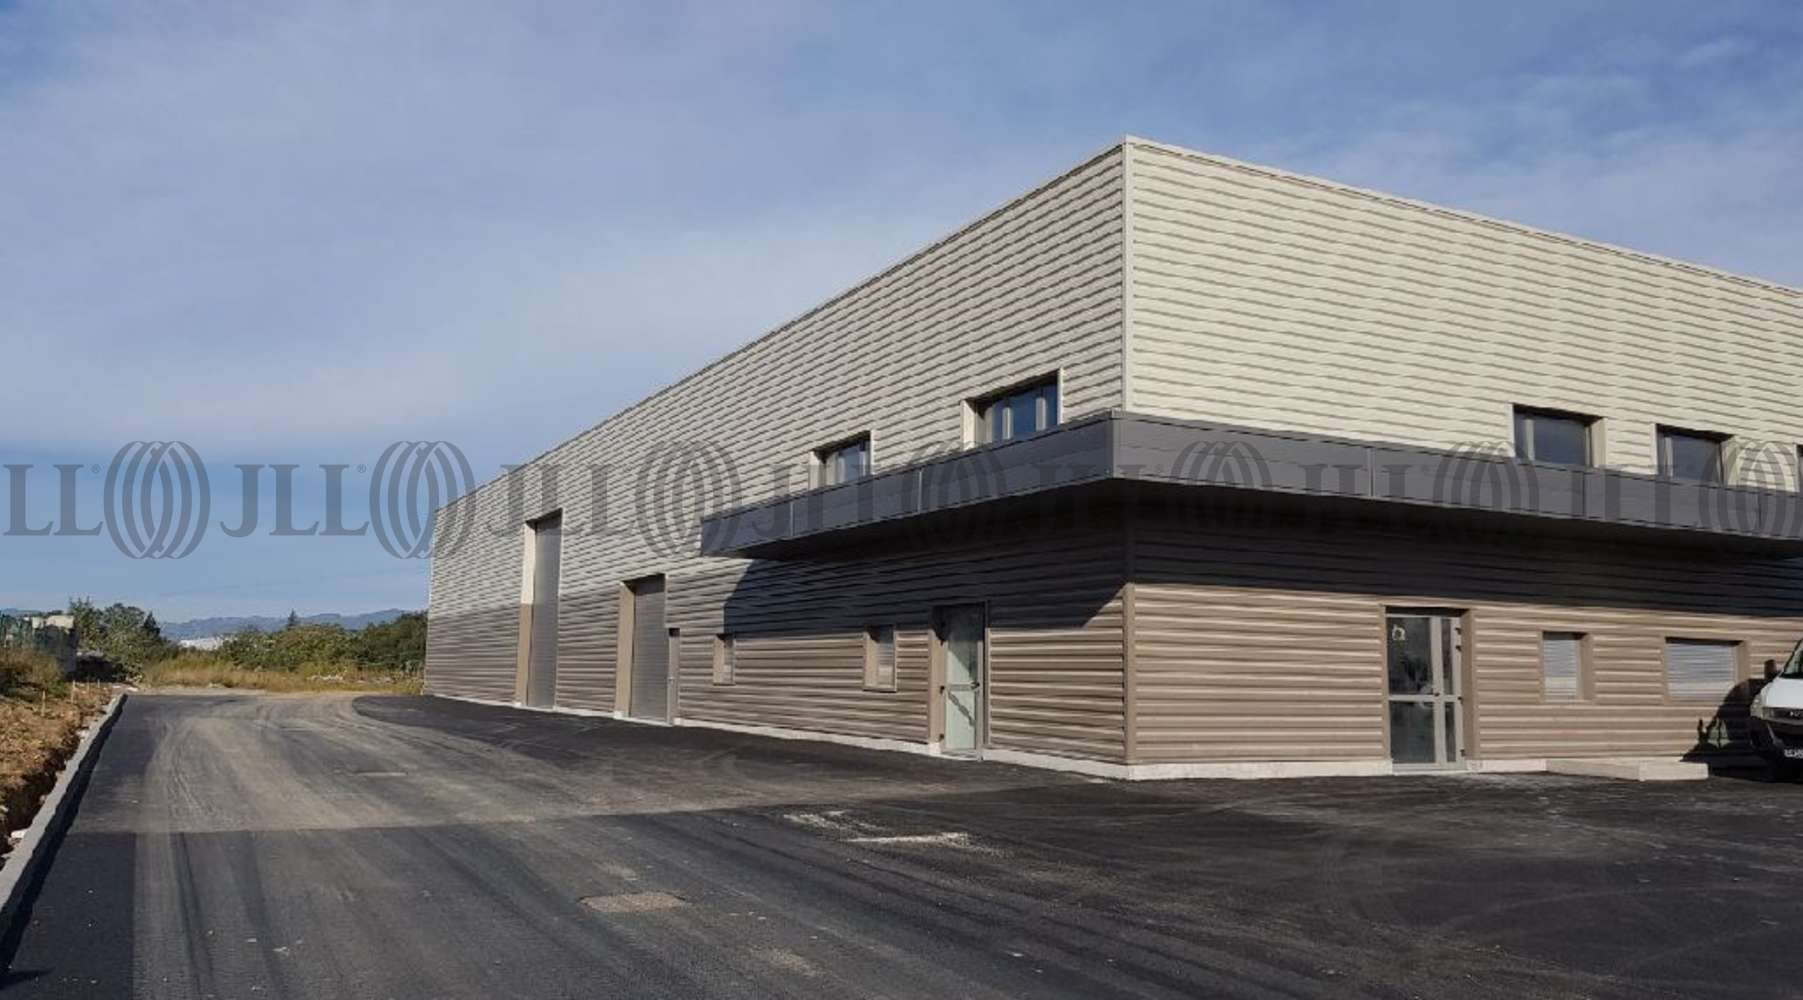 Activités/entrepôt Communay, 69360 - LOCAUX D'ACTIVITÉ ET DE BUREAUX LYON - 10831167